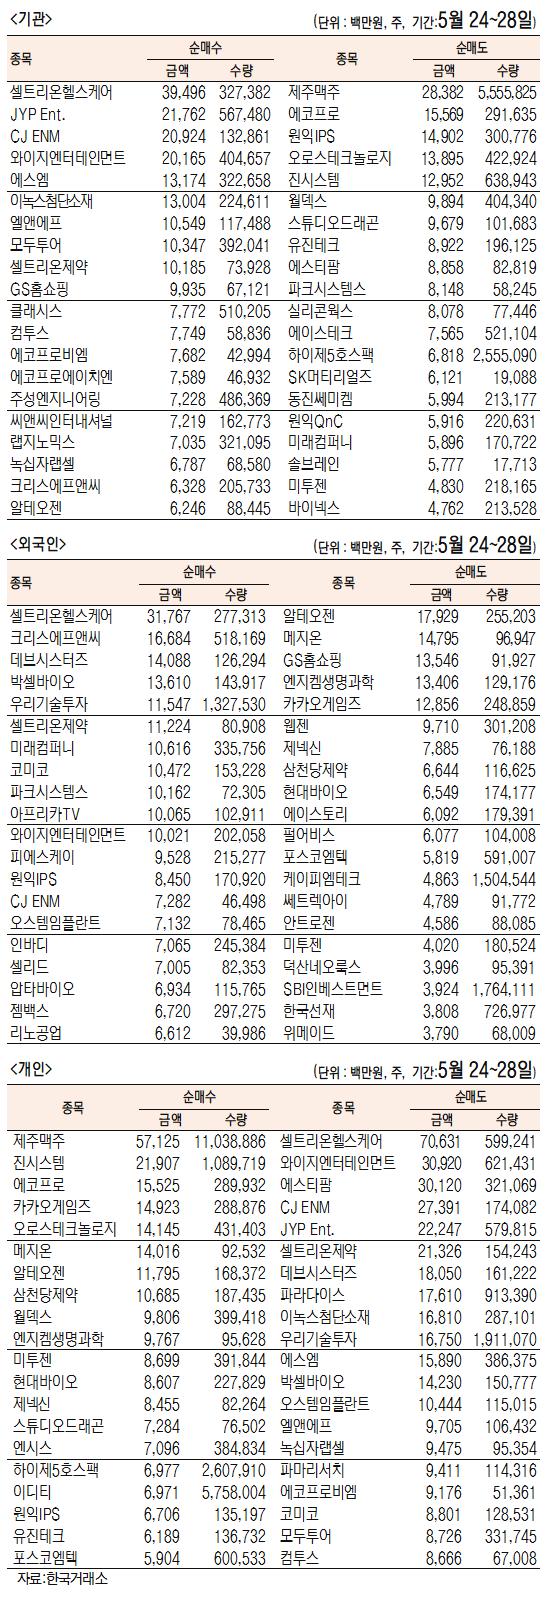 [표]주간 코스닥 기관·외국인·개인 순매수·도 상위종목(5월 24~28일)